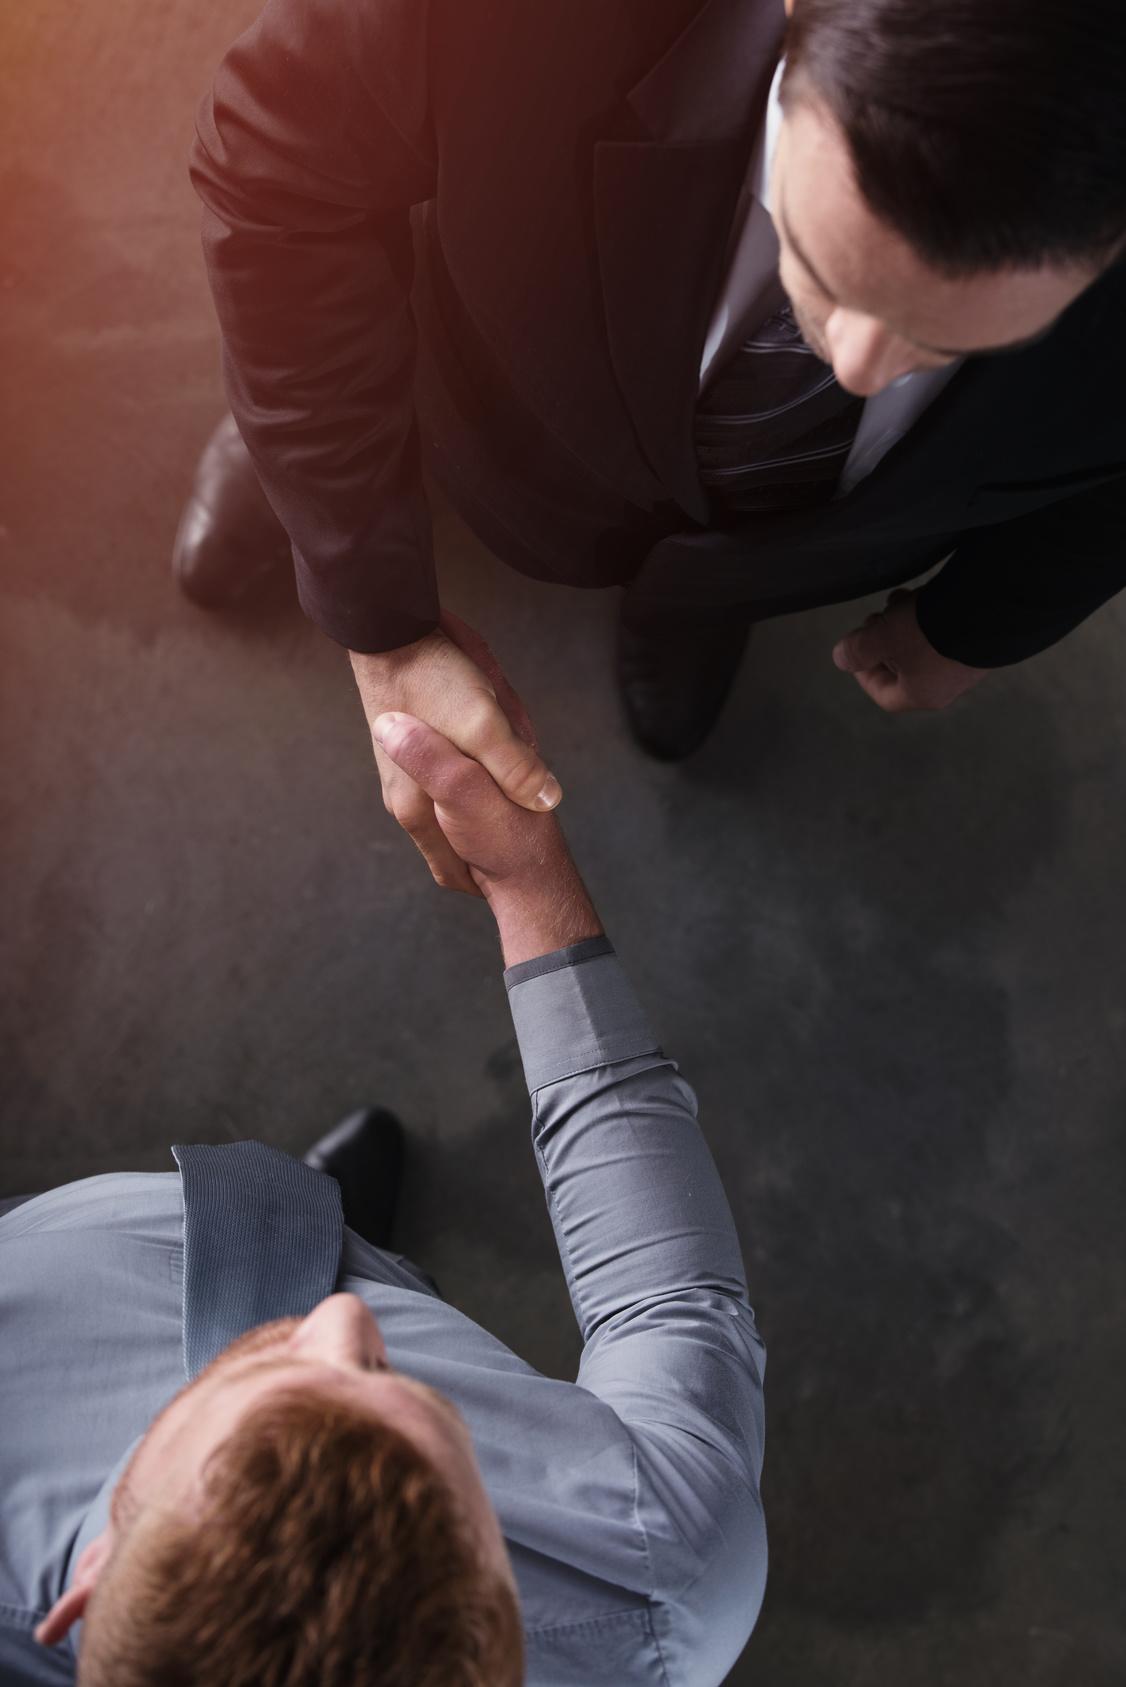 Warum Agile Arbeitsweisen Ihr Unternehmen verändern… - Agilität – das klingt nach Aufbruch, Innovation, Zukunft: Viele Unternehmen wollen auf diesen Zug aufspringen. Also löst das Management eine agile Transformation aus, schickt die Mitarbeitenden in Weiterbildungen und erwartet, dass sie in ihrer täglichen Arbeit agil agieren. Nur leider funktioniert es so nicht. Warum?